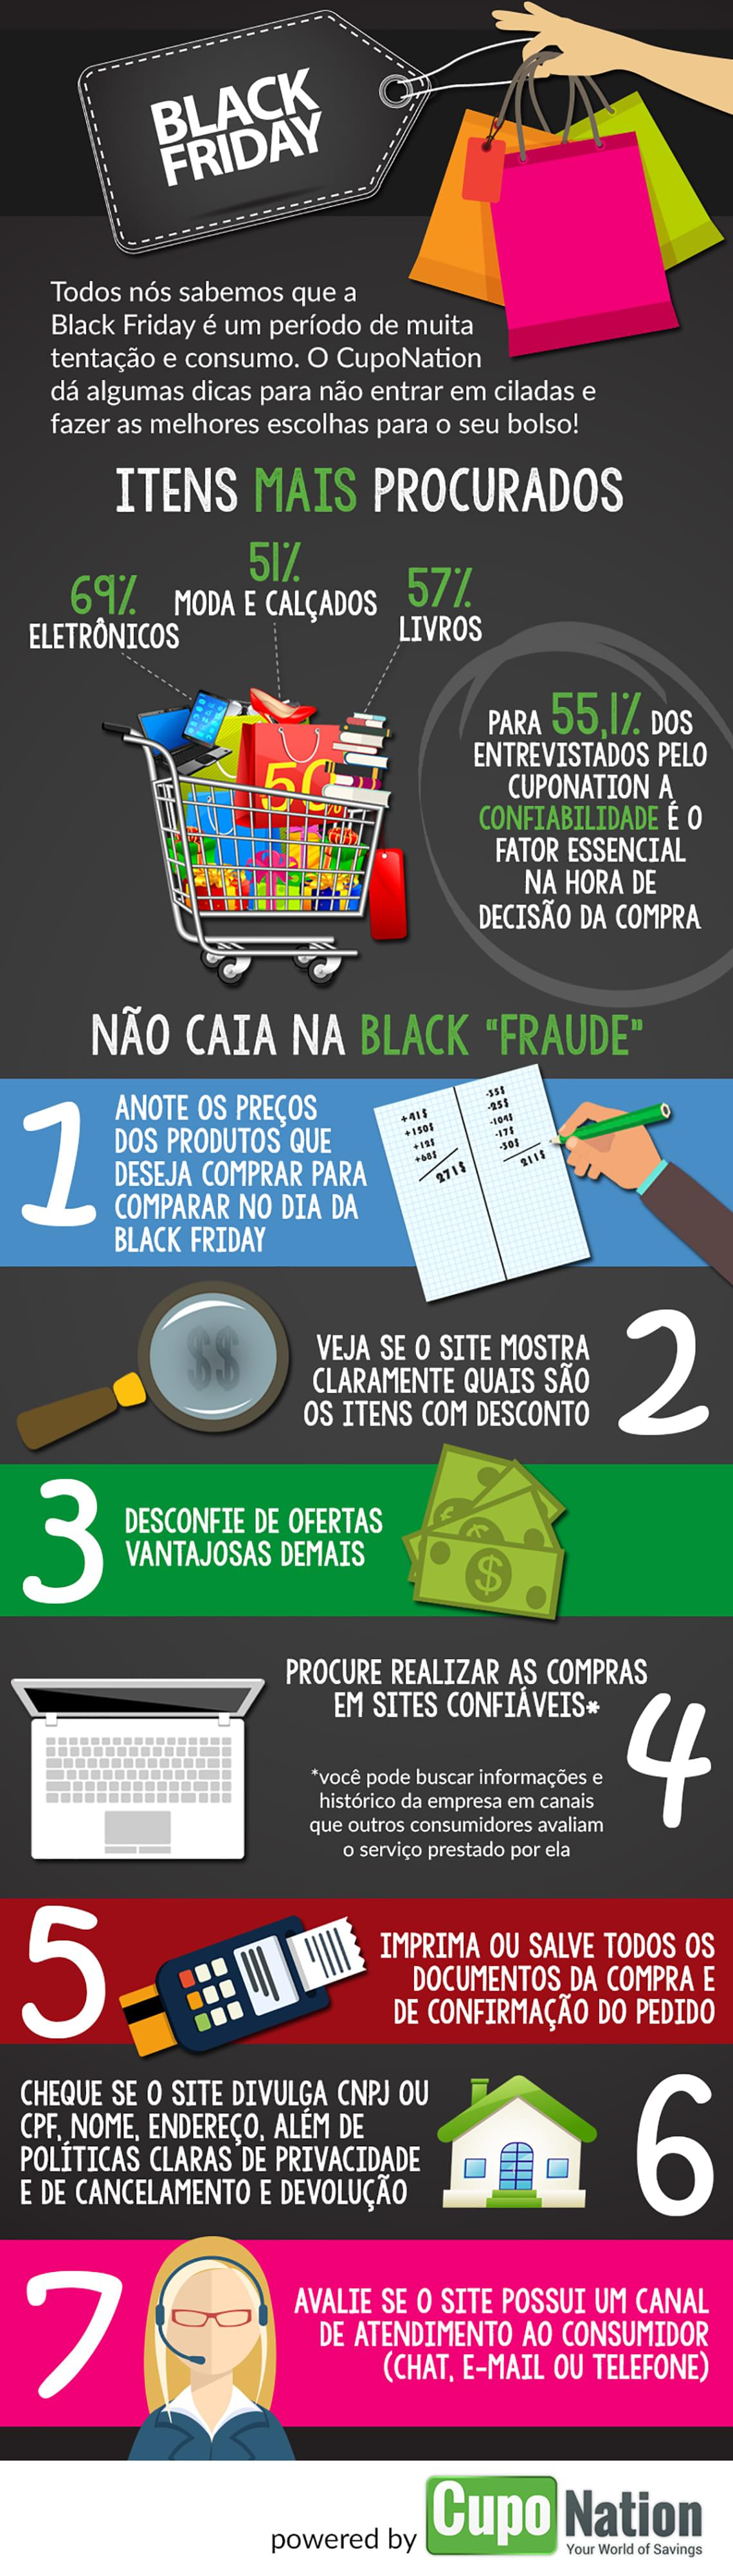 Eletrônicos serão os itens mais procurados na Black Friday [infográfico]